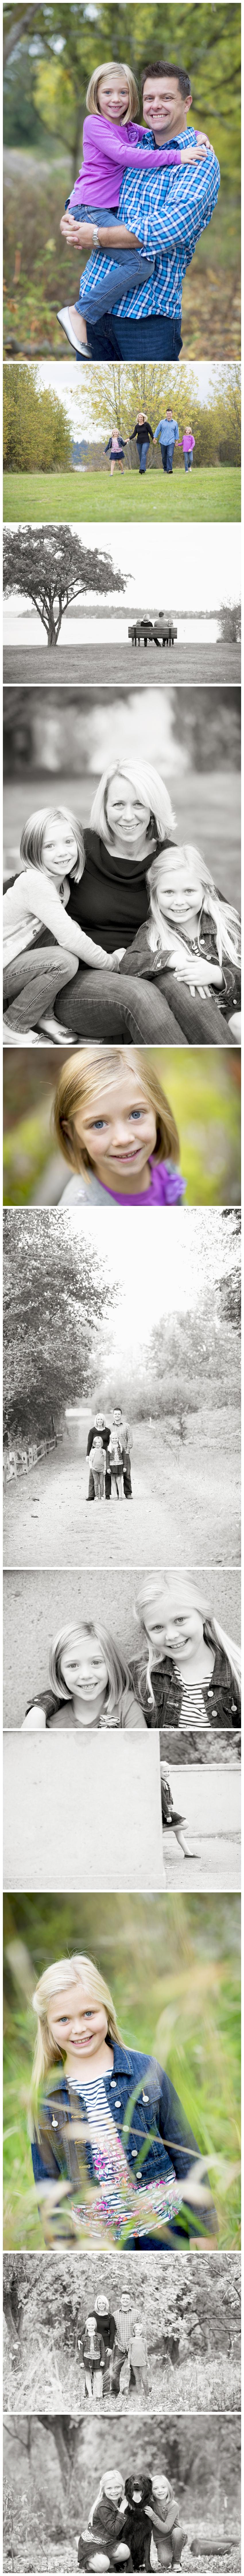 2013-10-21_0001.jpg